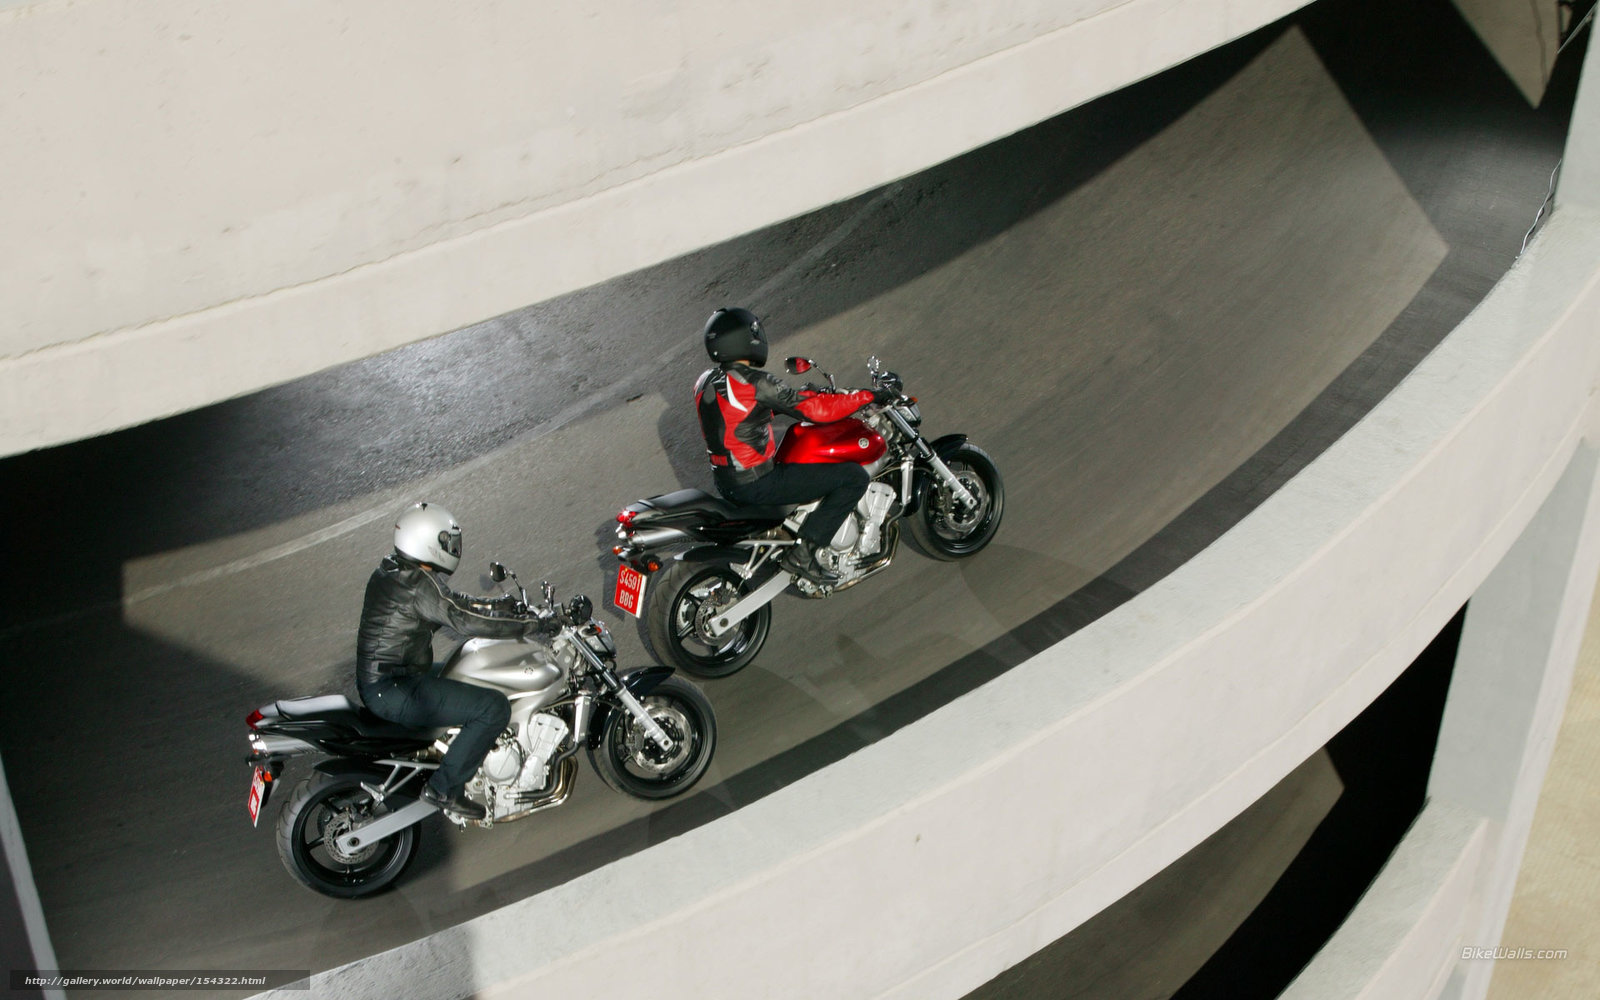 Скачать обои Yamaha,  Sport Roadster,  мото,  мотоциклы бесплатно для рабочего стола в разрешении 1920x1200 — картинка №154322